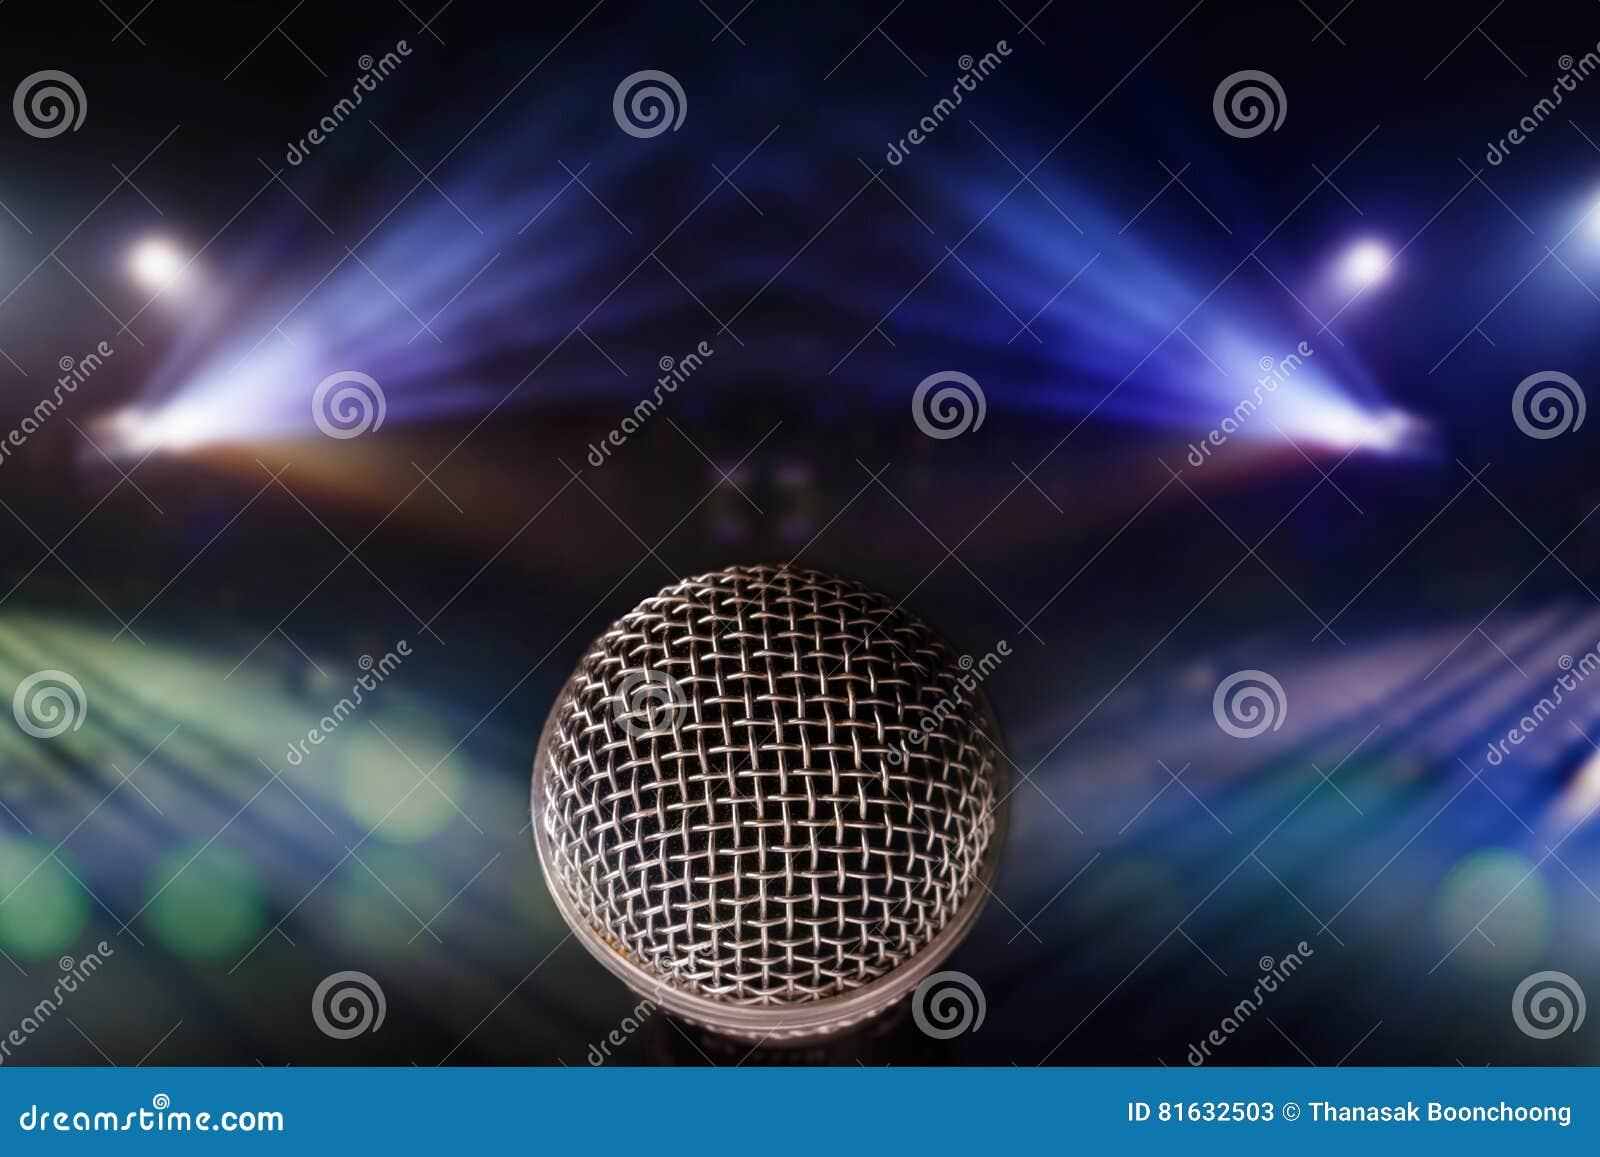 Chiuda sul microfono con il fondo delle luci in scena conte di